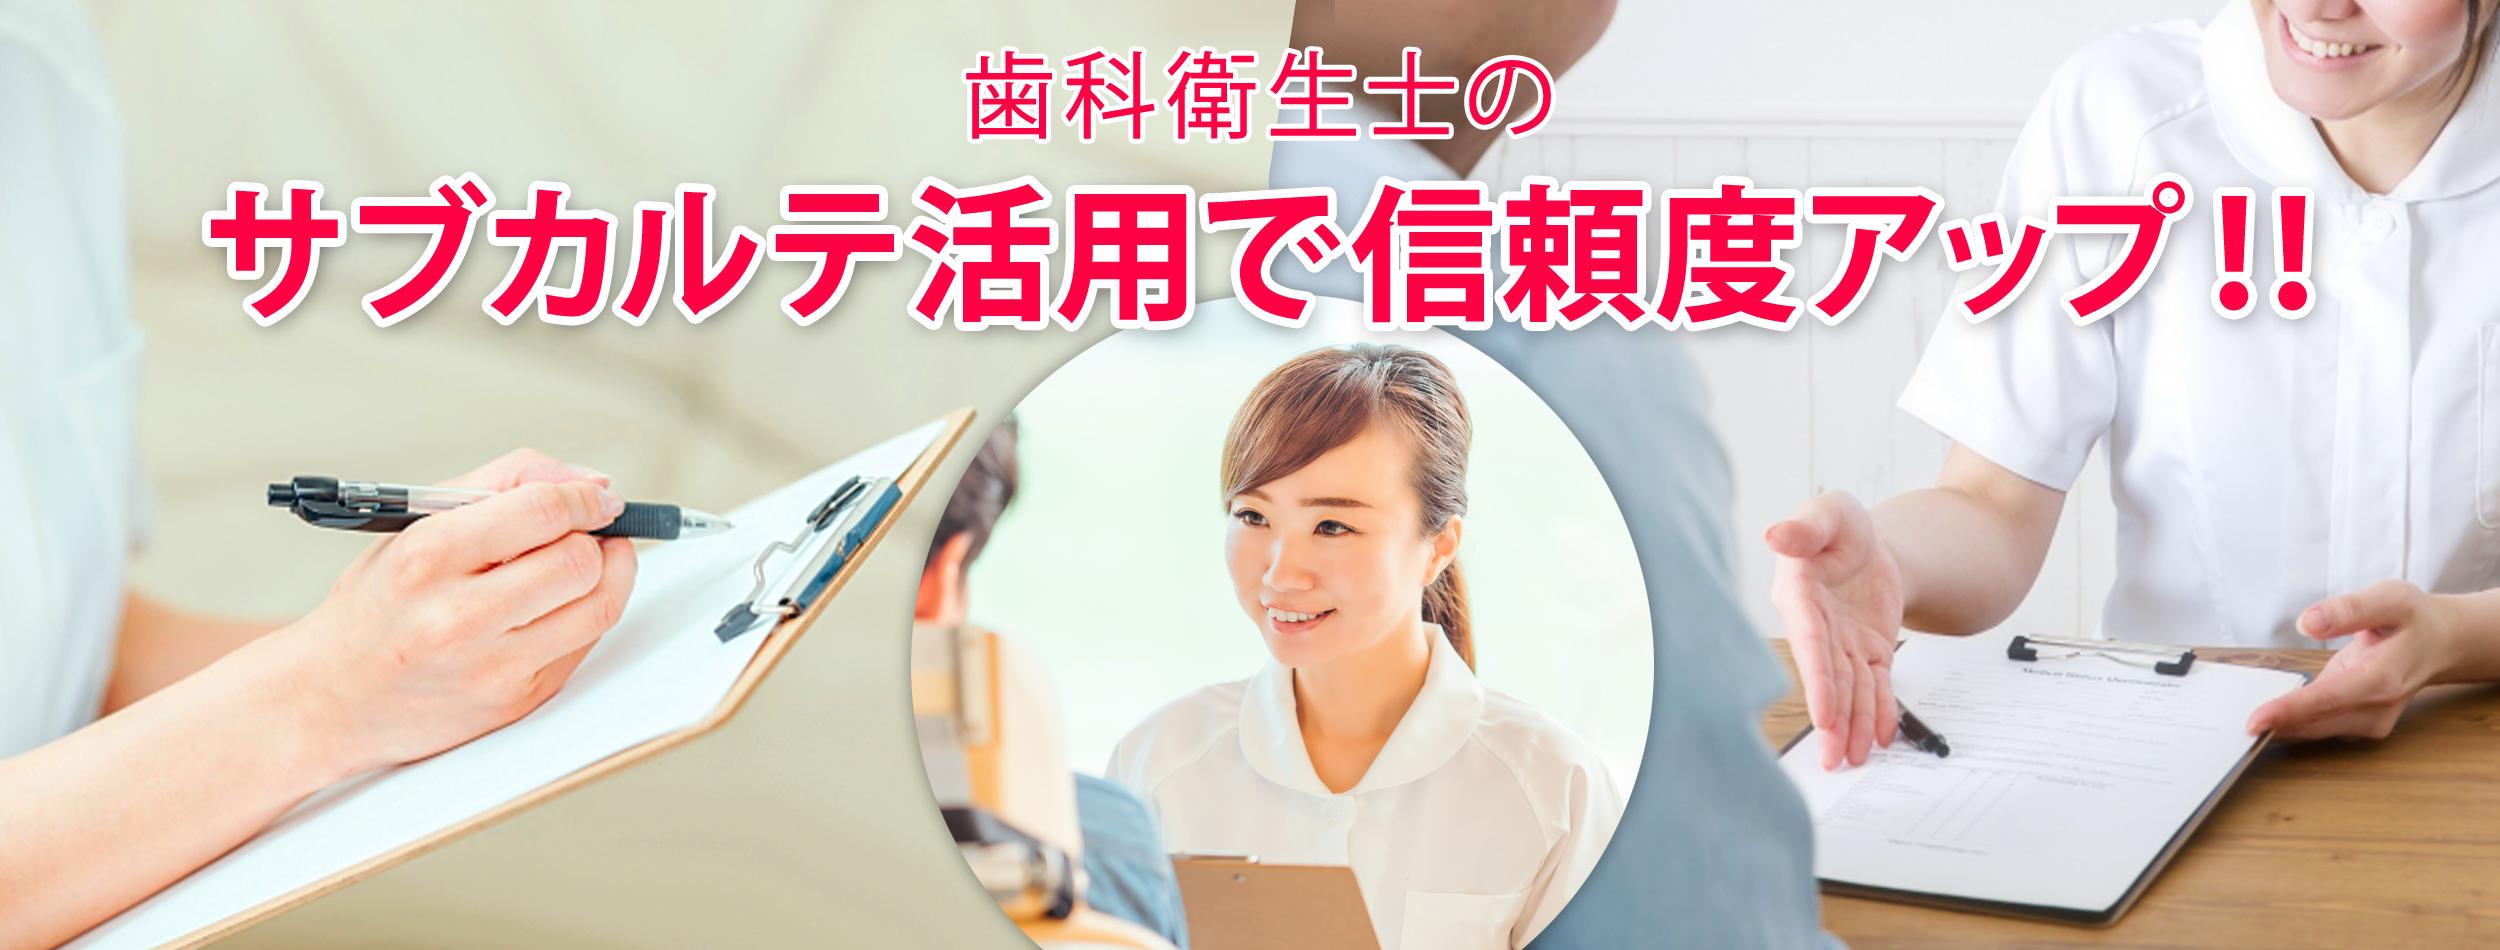 歯科衛生士のサブカルテ活用で信頼度アップ!